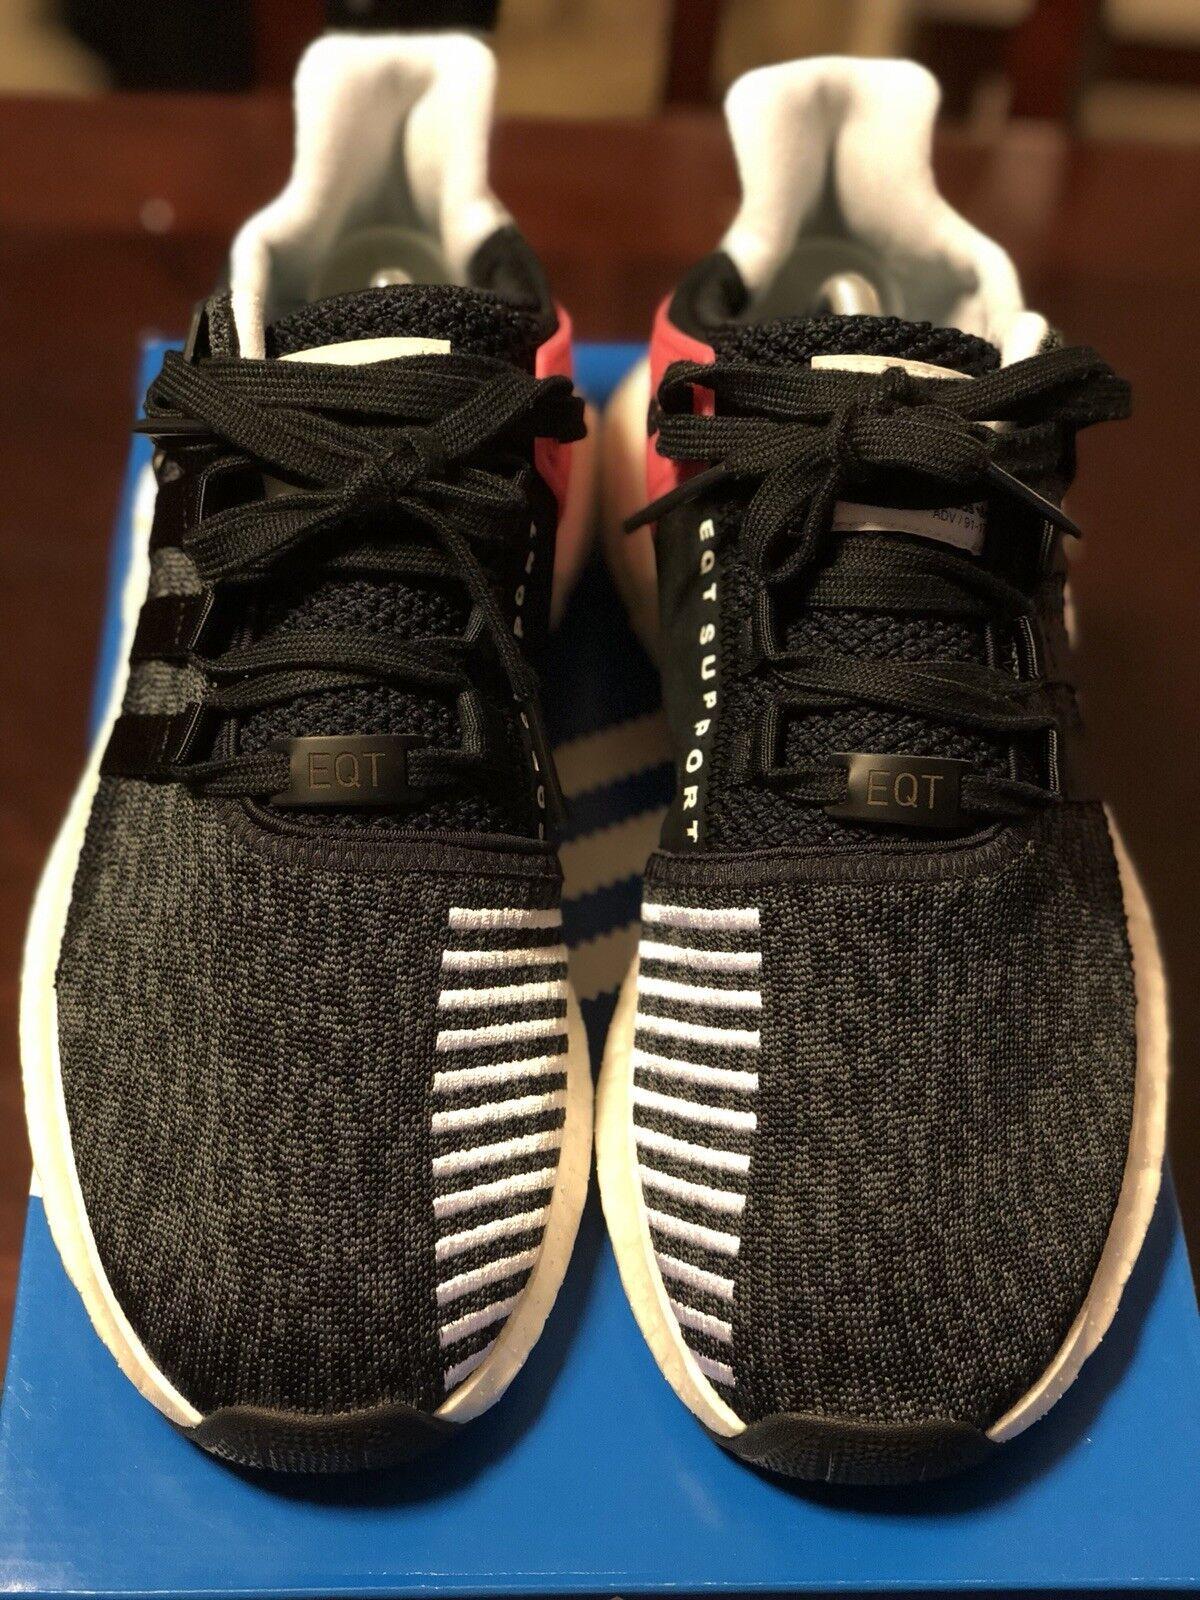 Adidas eqt 93 / 17 il sostegno impulso - turbo rosso - impulso nero taglia 10 uomini ultraboost og 8e72fb